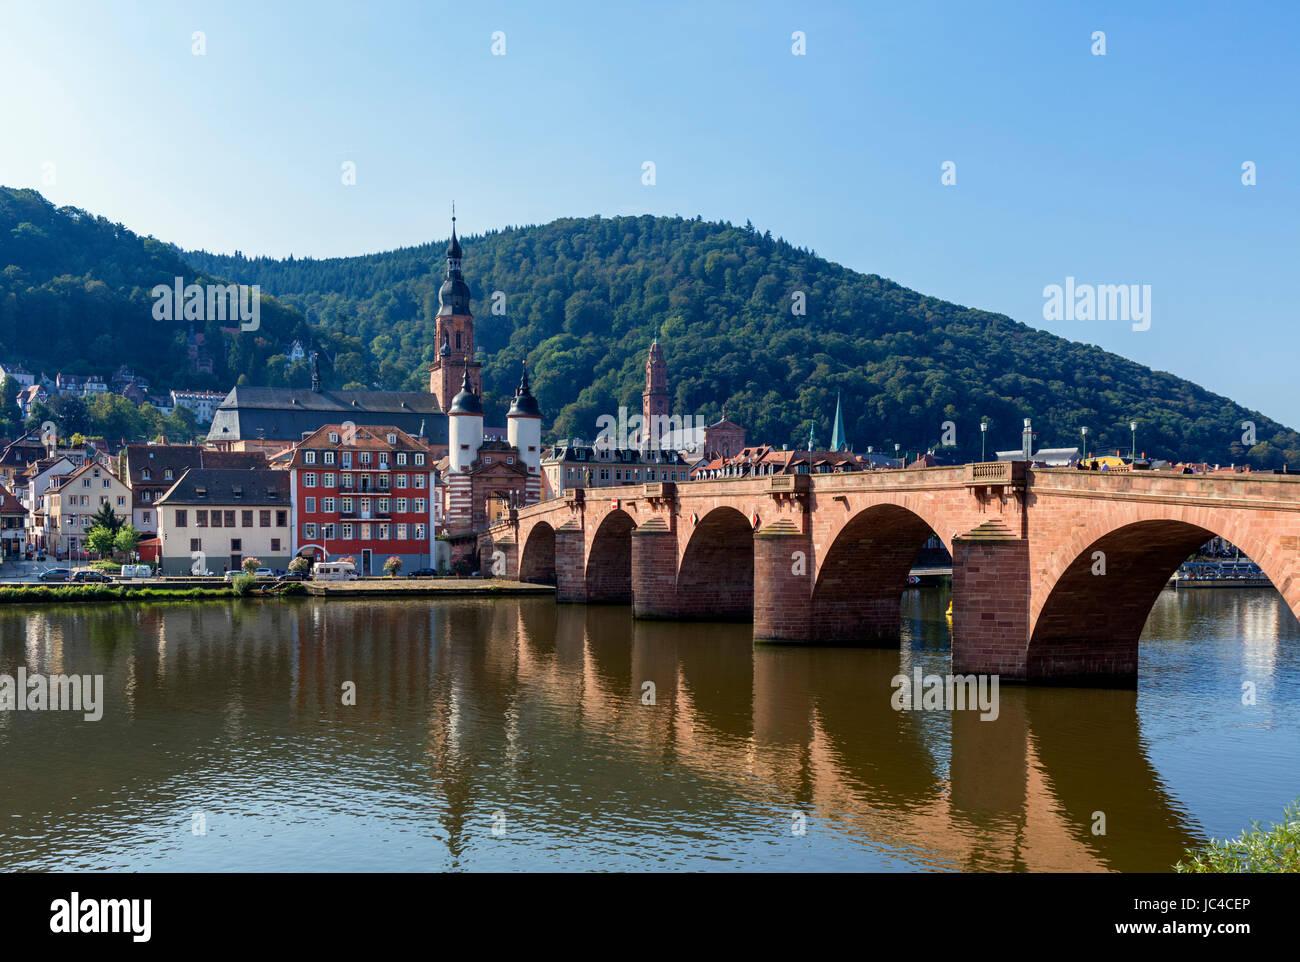 Der Fluss Necke, die Altstadt und die alte Brücke, Heidelberg, Baden-Württemberg, Deutschland Stockbild